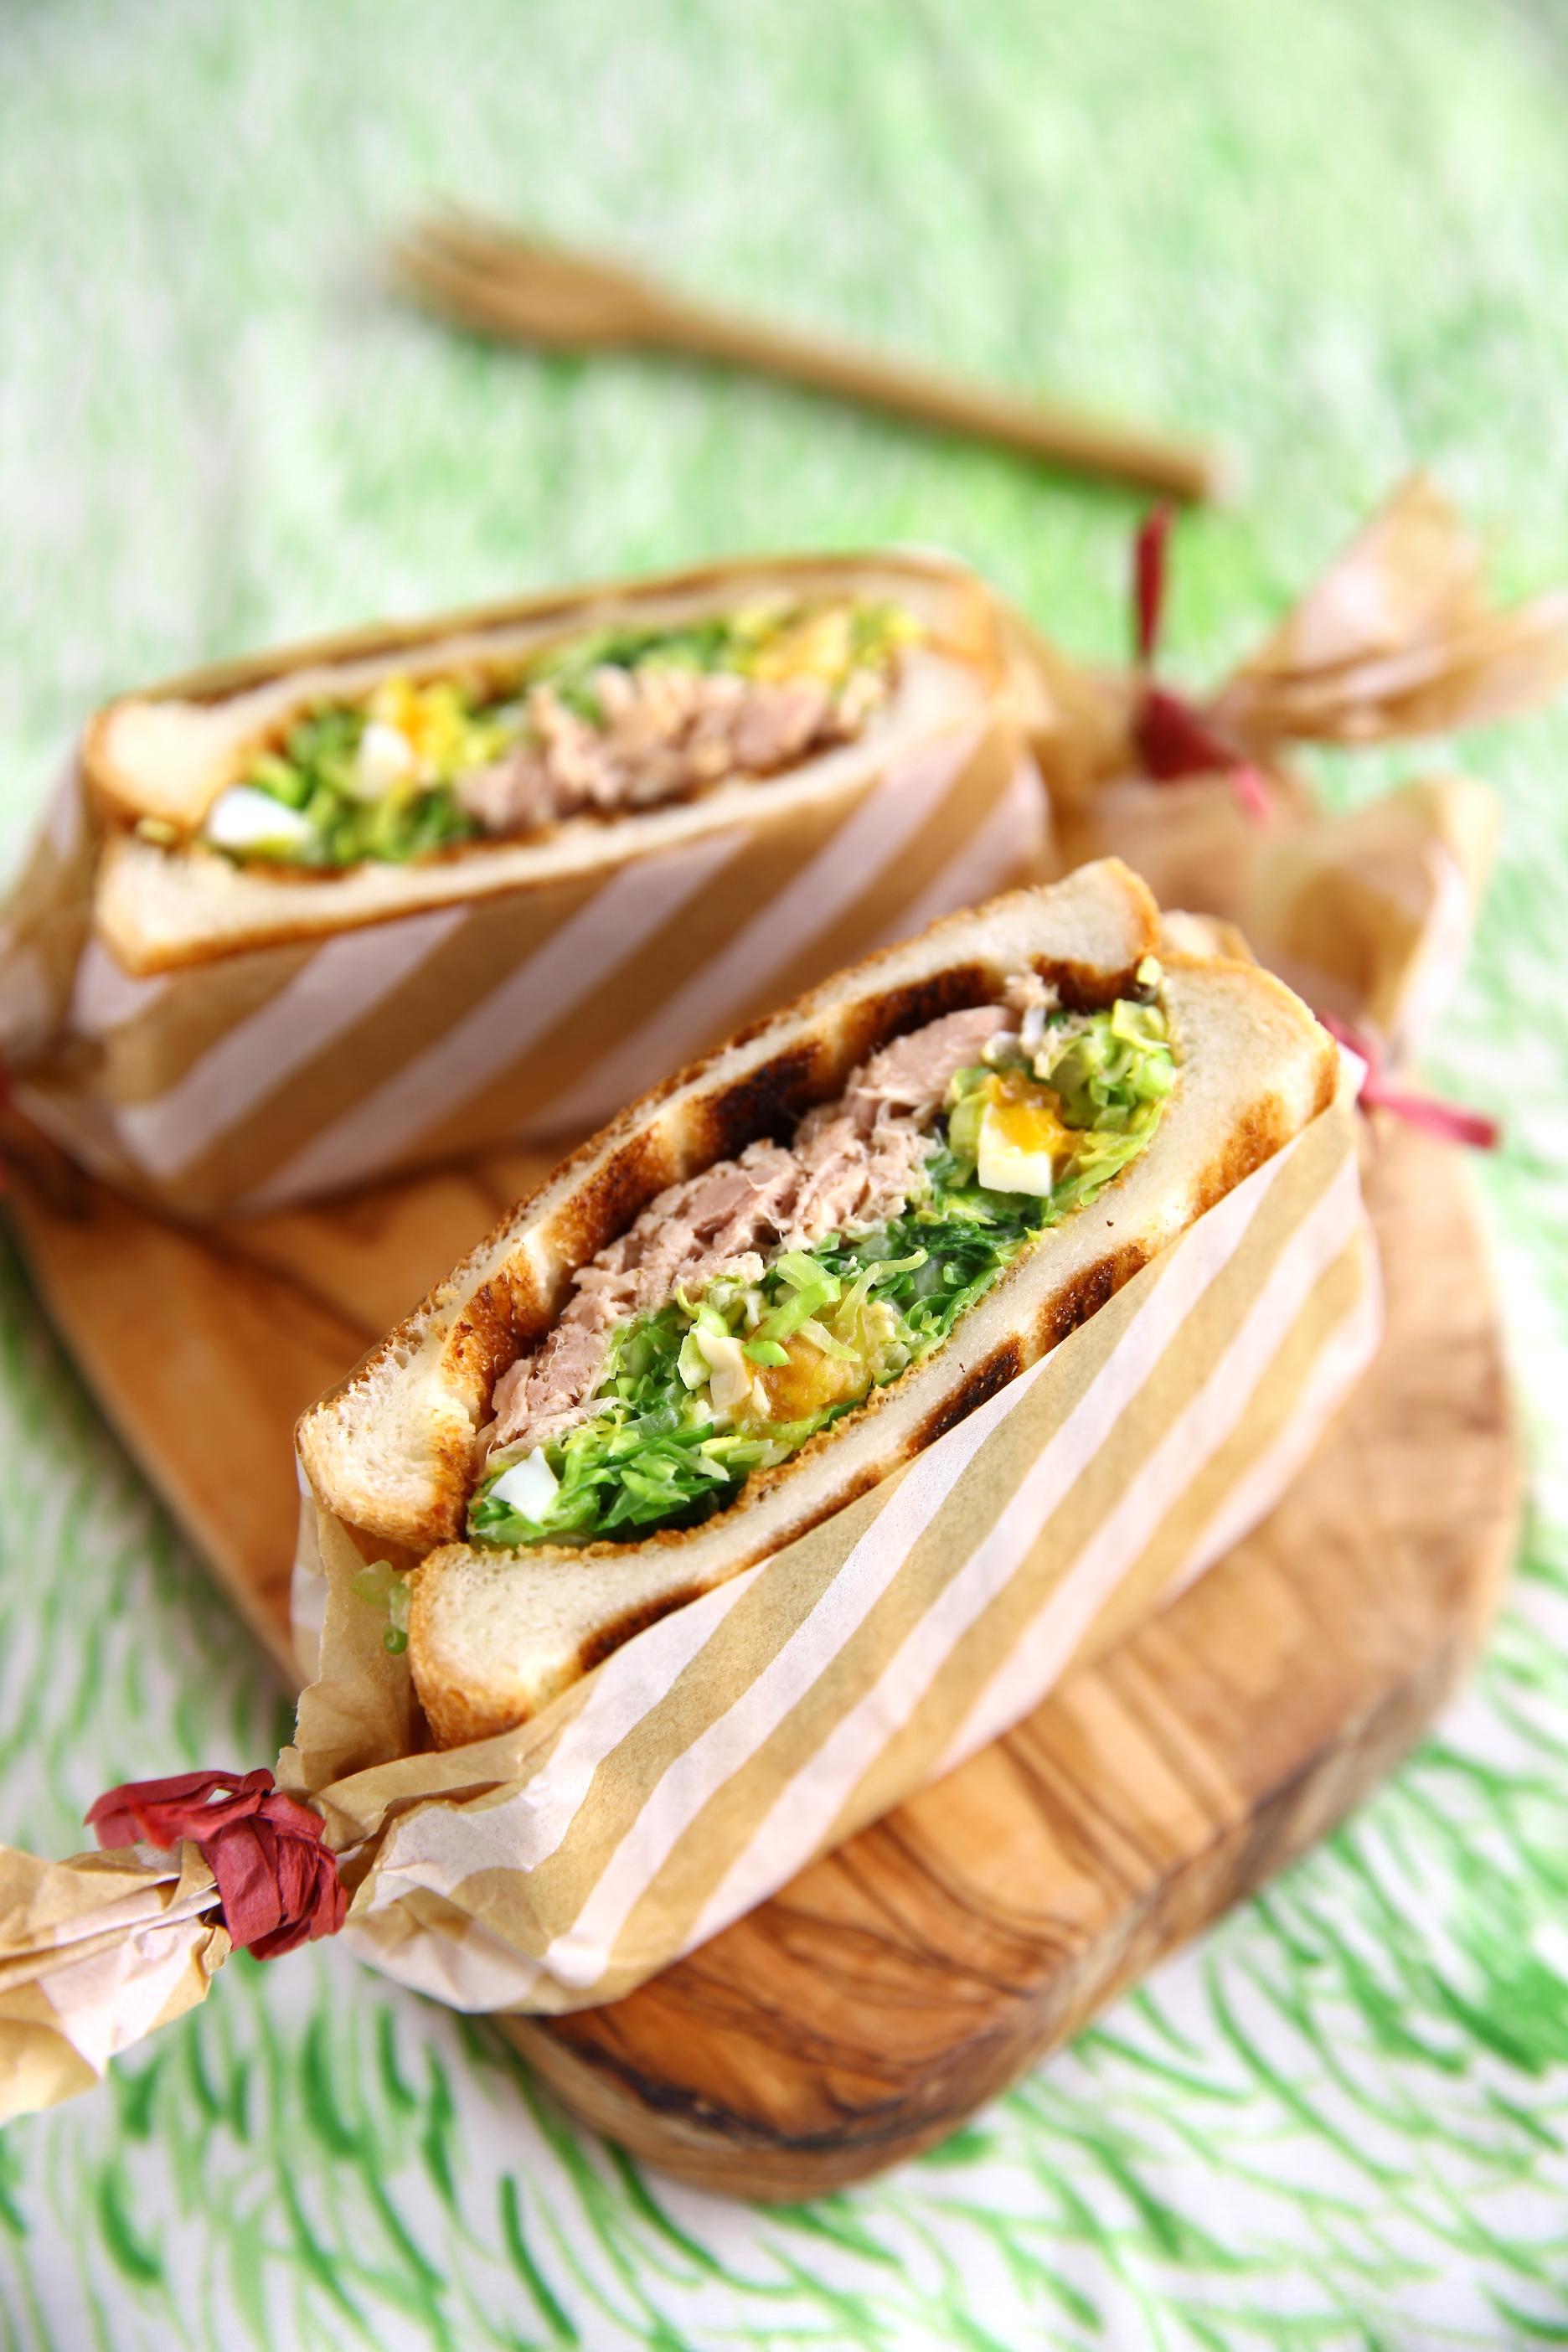 味玉入りコールスローとツナのサンドイッチ